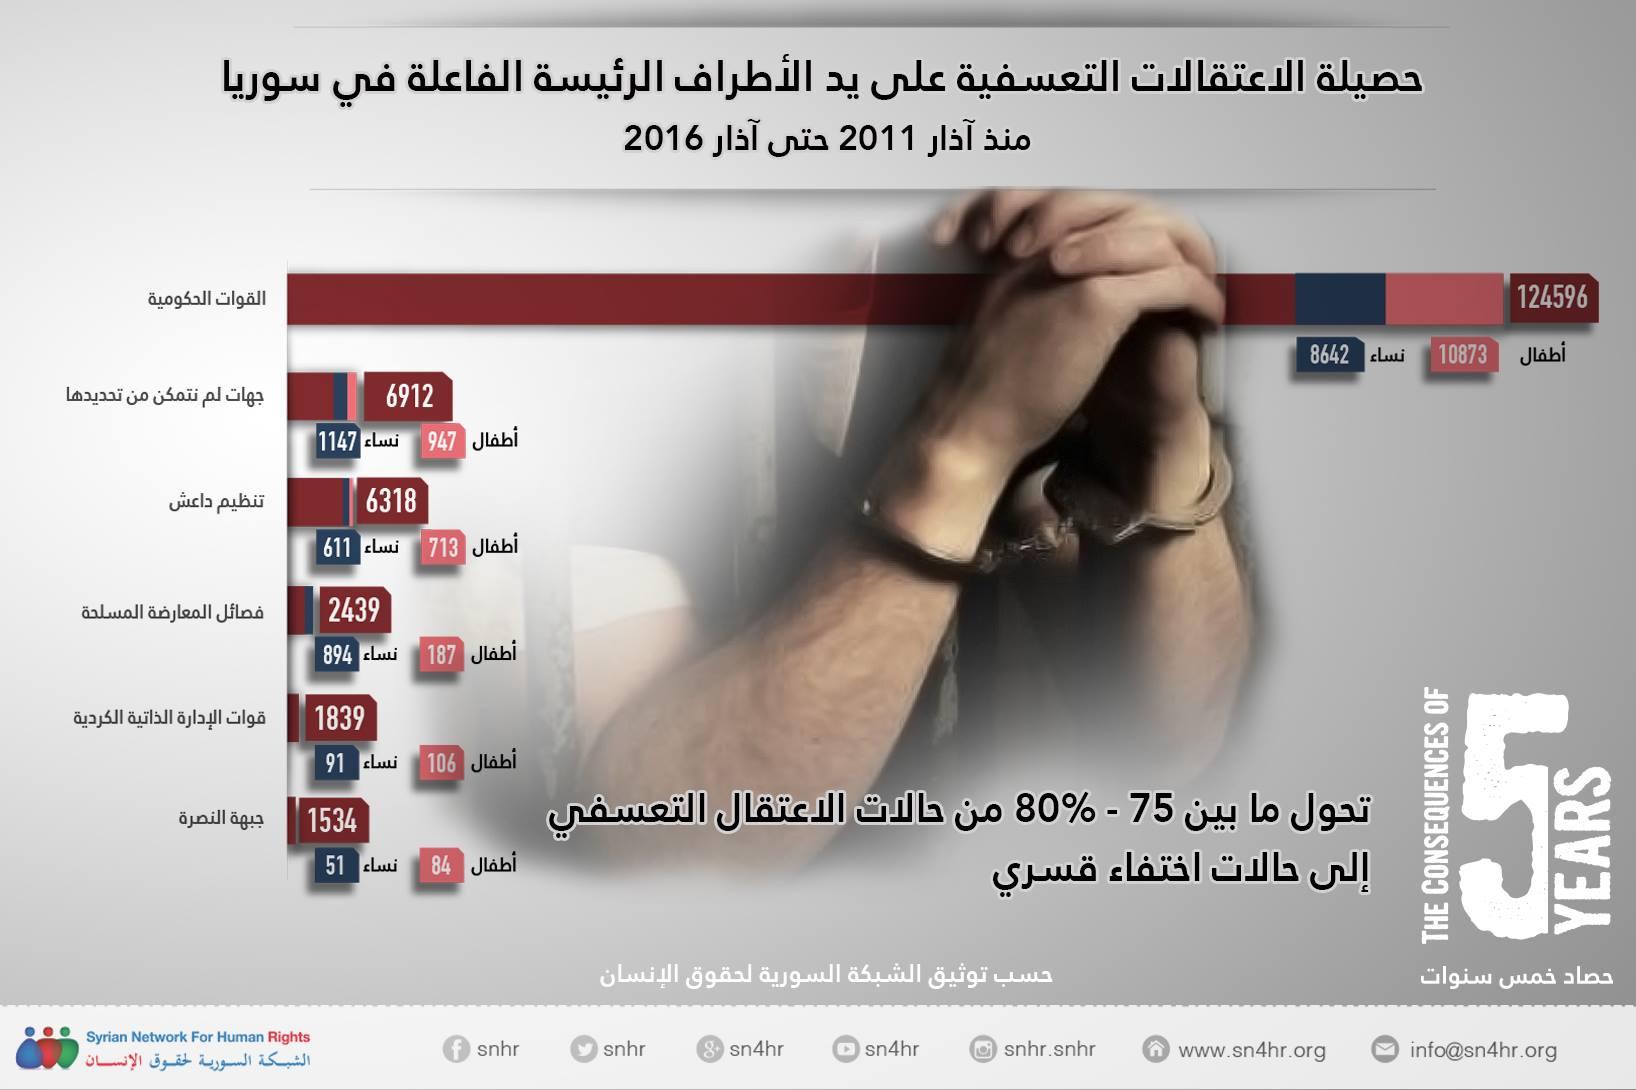 حصيلة الاعتقالات في سوريا